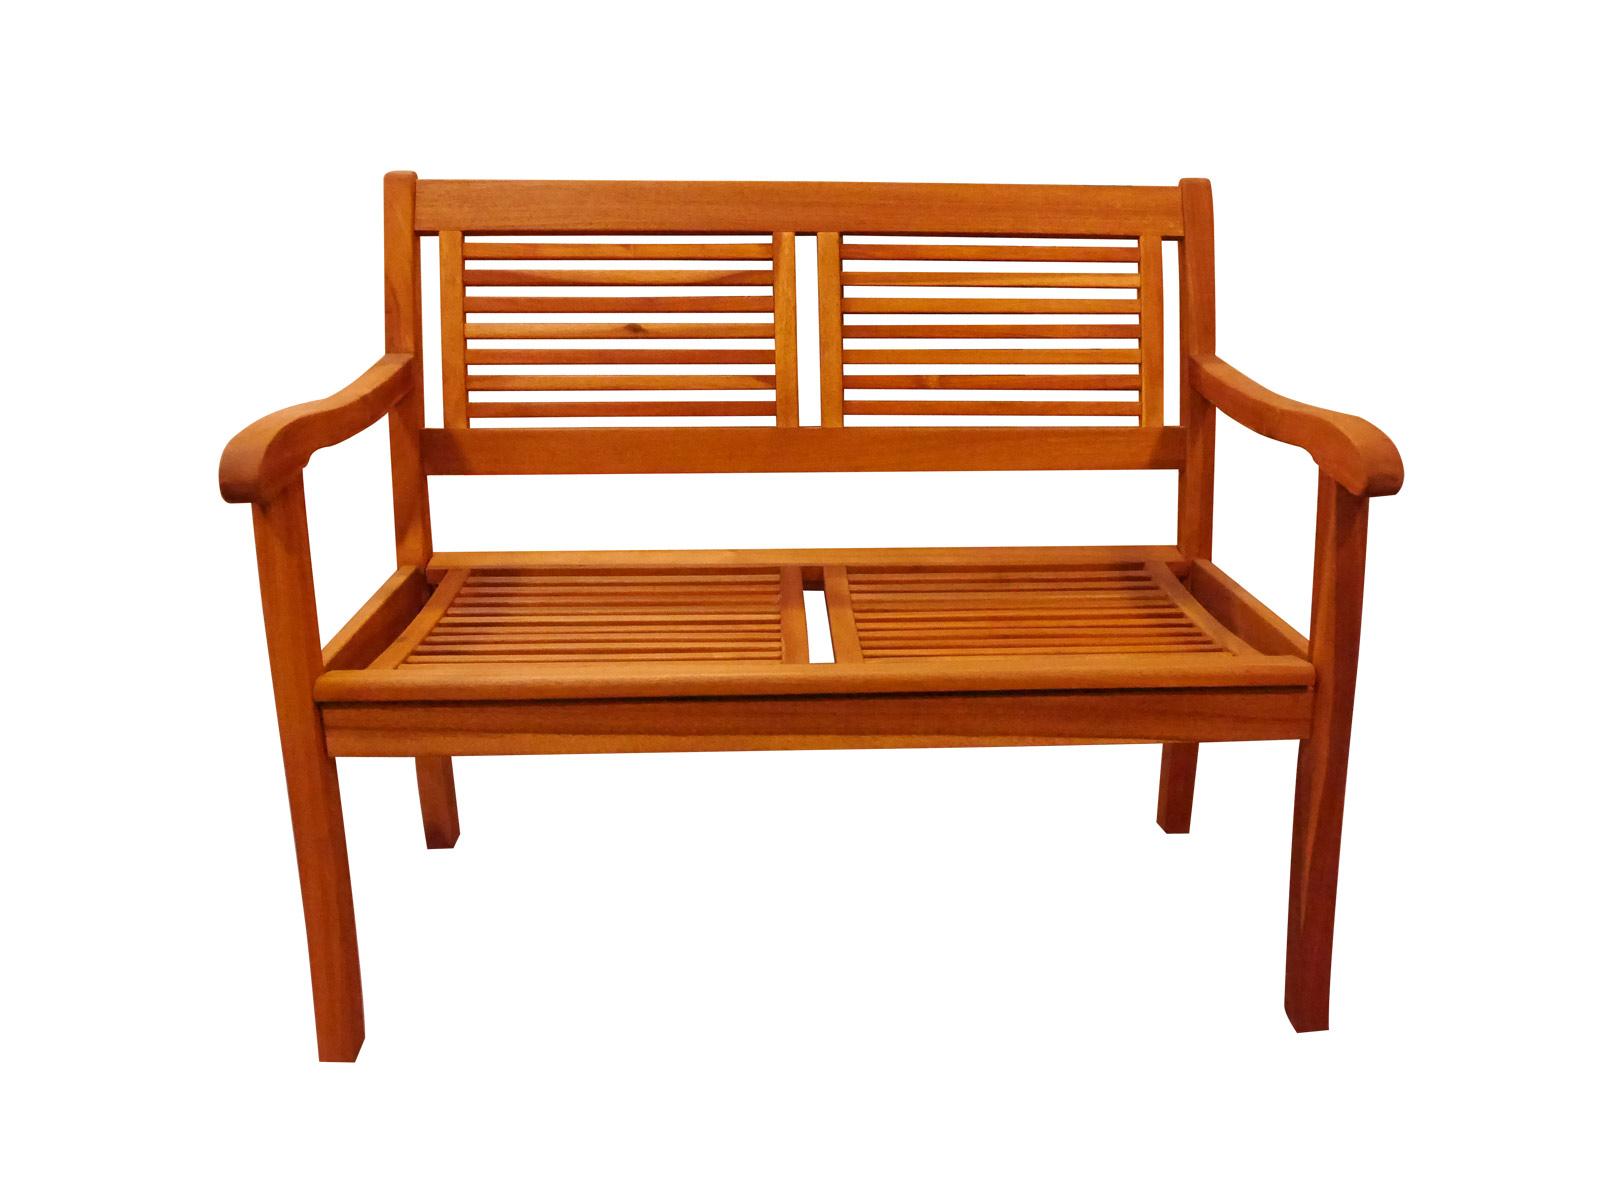 sam gartenbank akazie 110 cm 2 sitzer sitzbank coruna demn chst. Black Bedroom Furniture Sets. Home Design Ideas